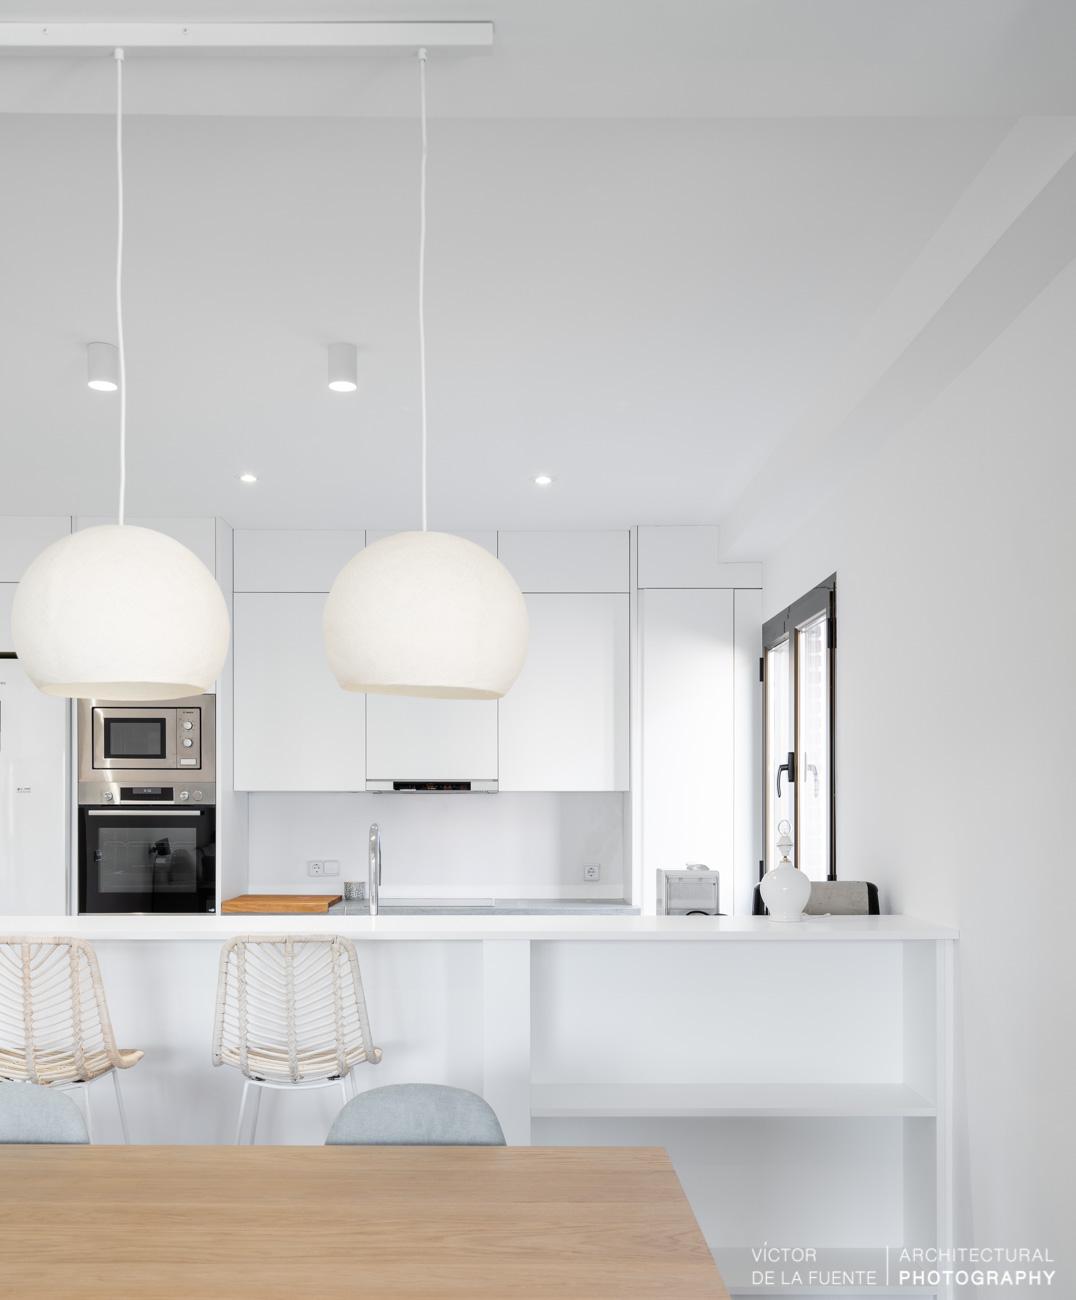 fotografia de interiorismo cocina con lamparas